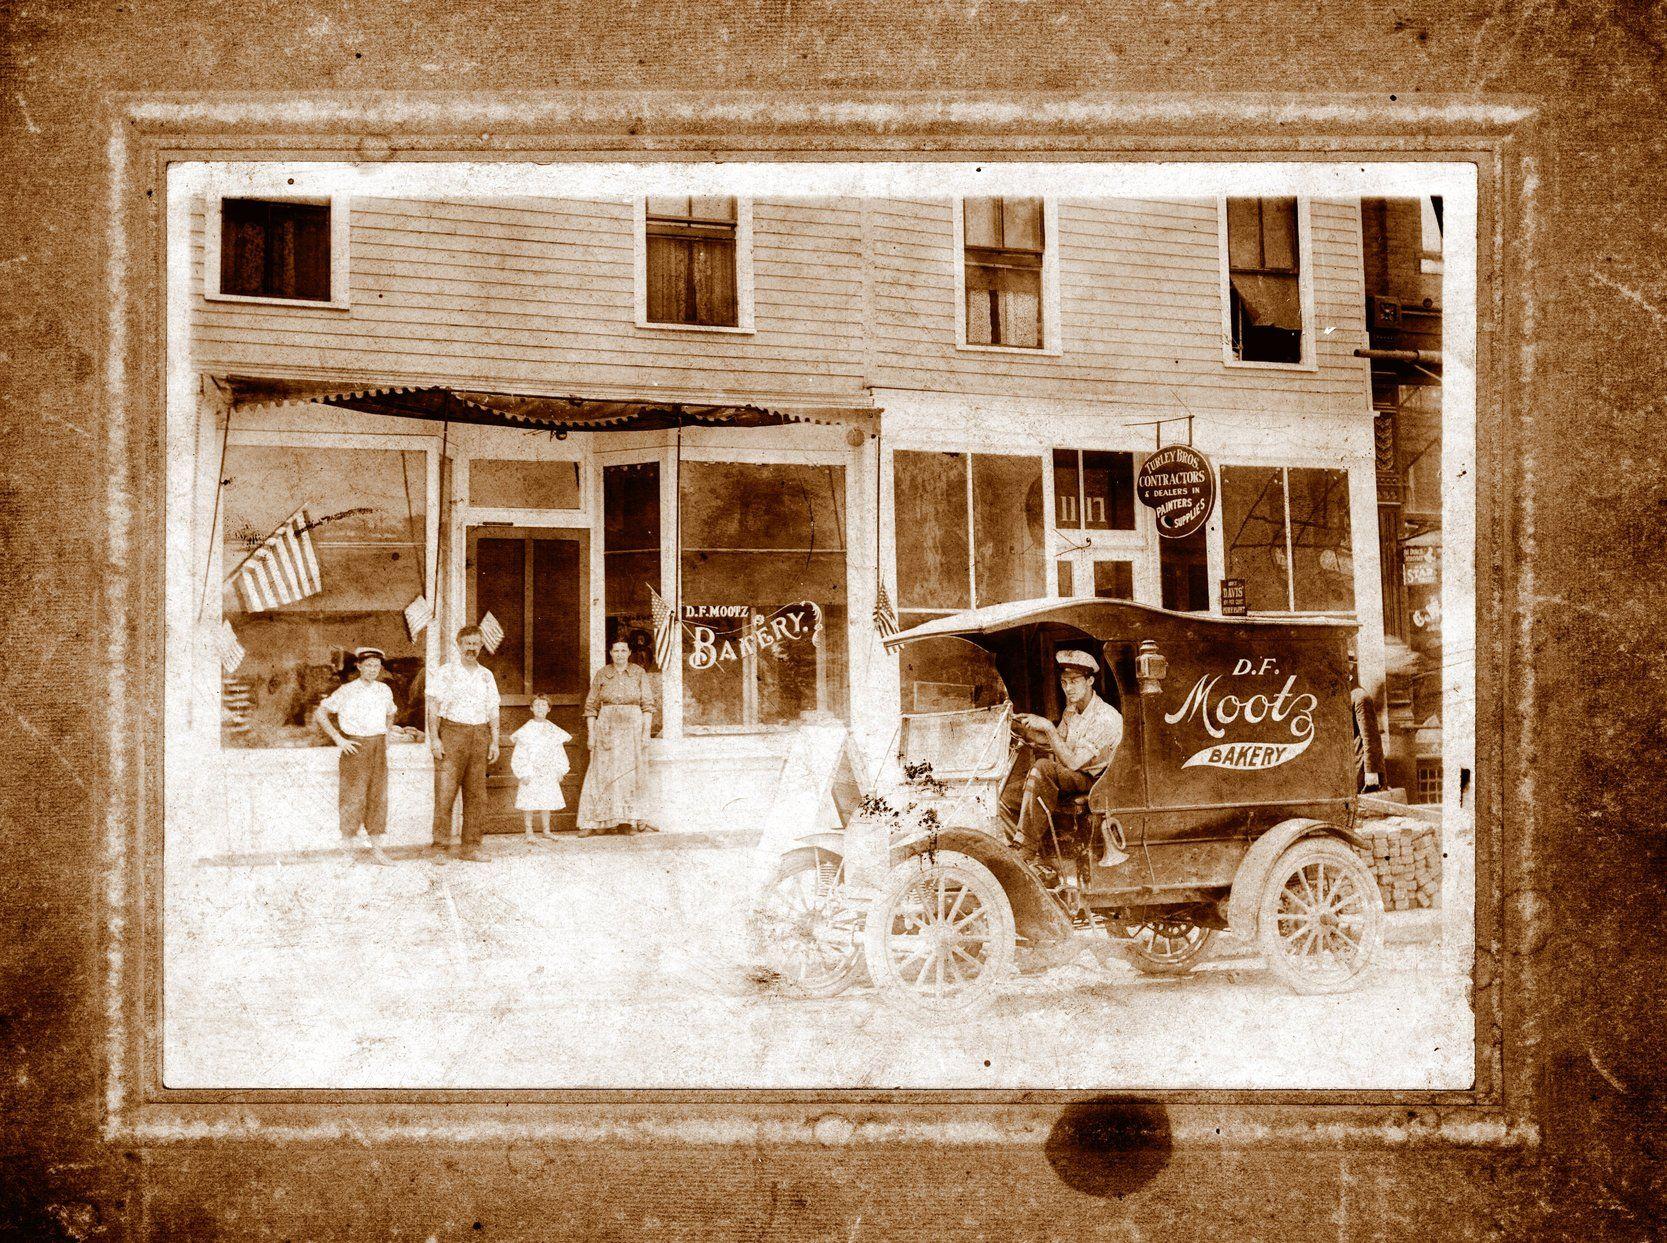 Lost Huntington: Mootz Bakery